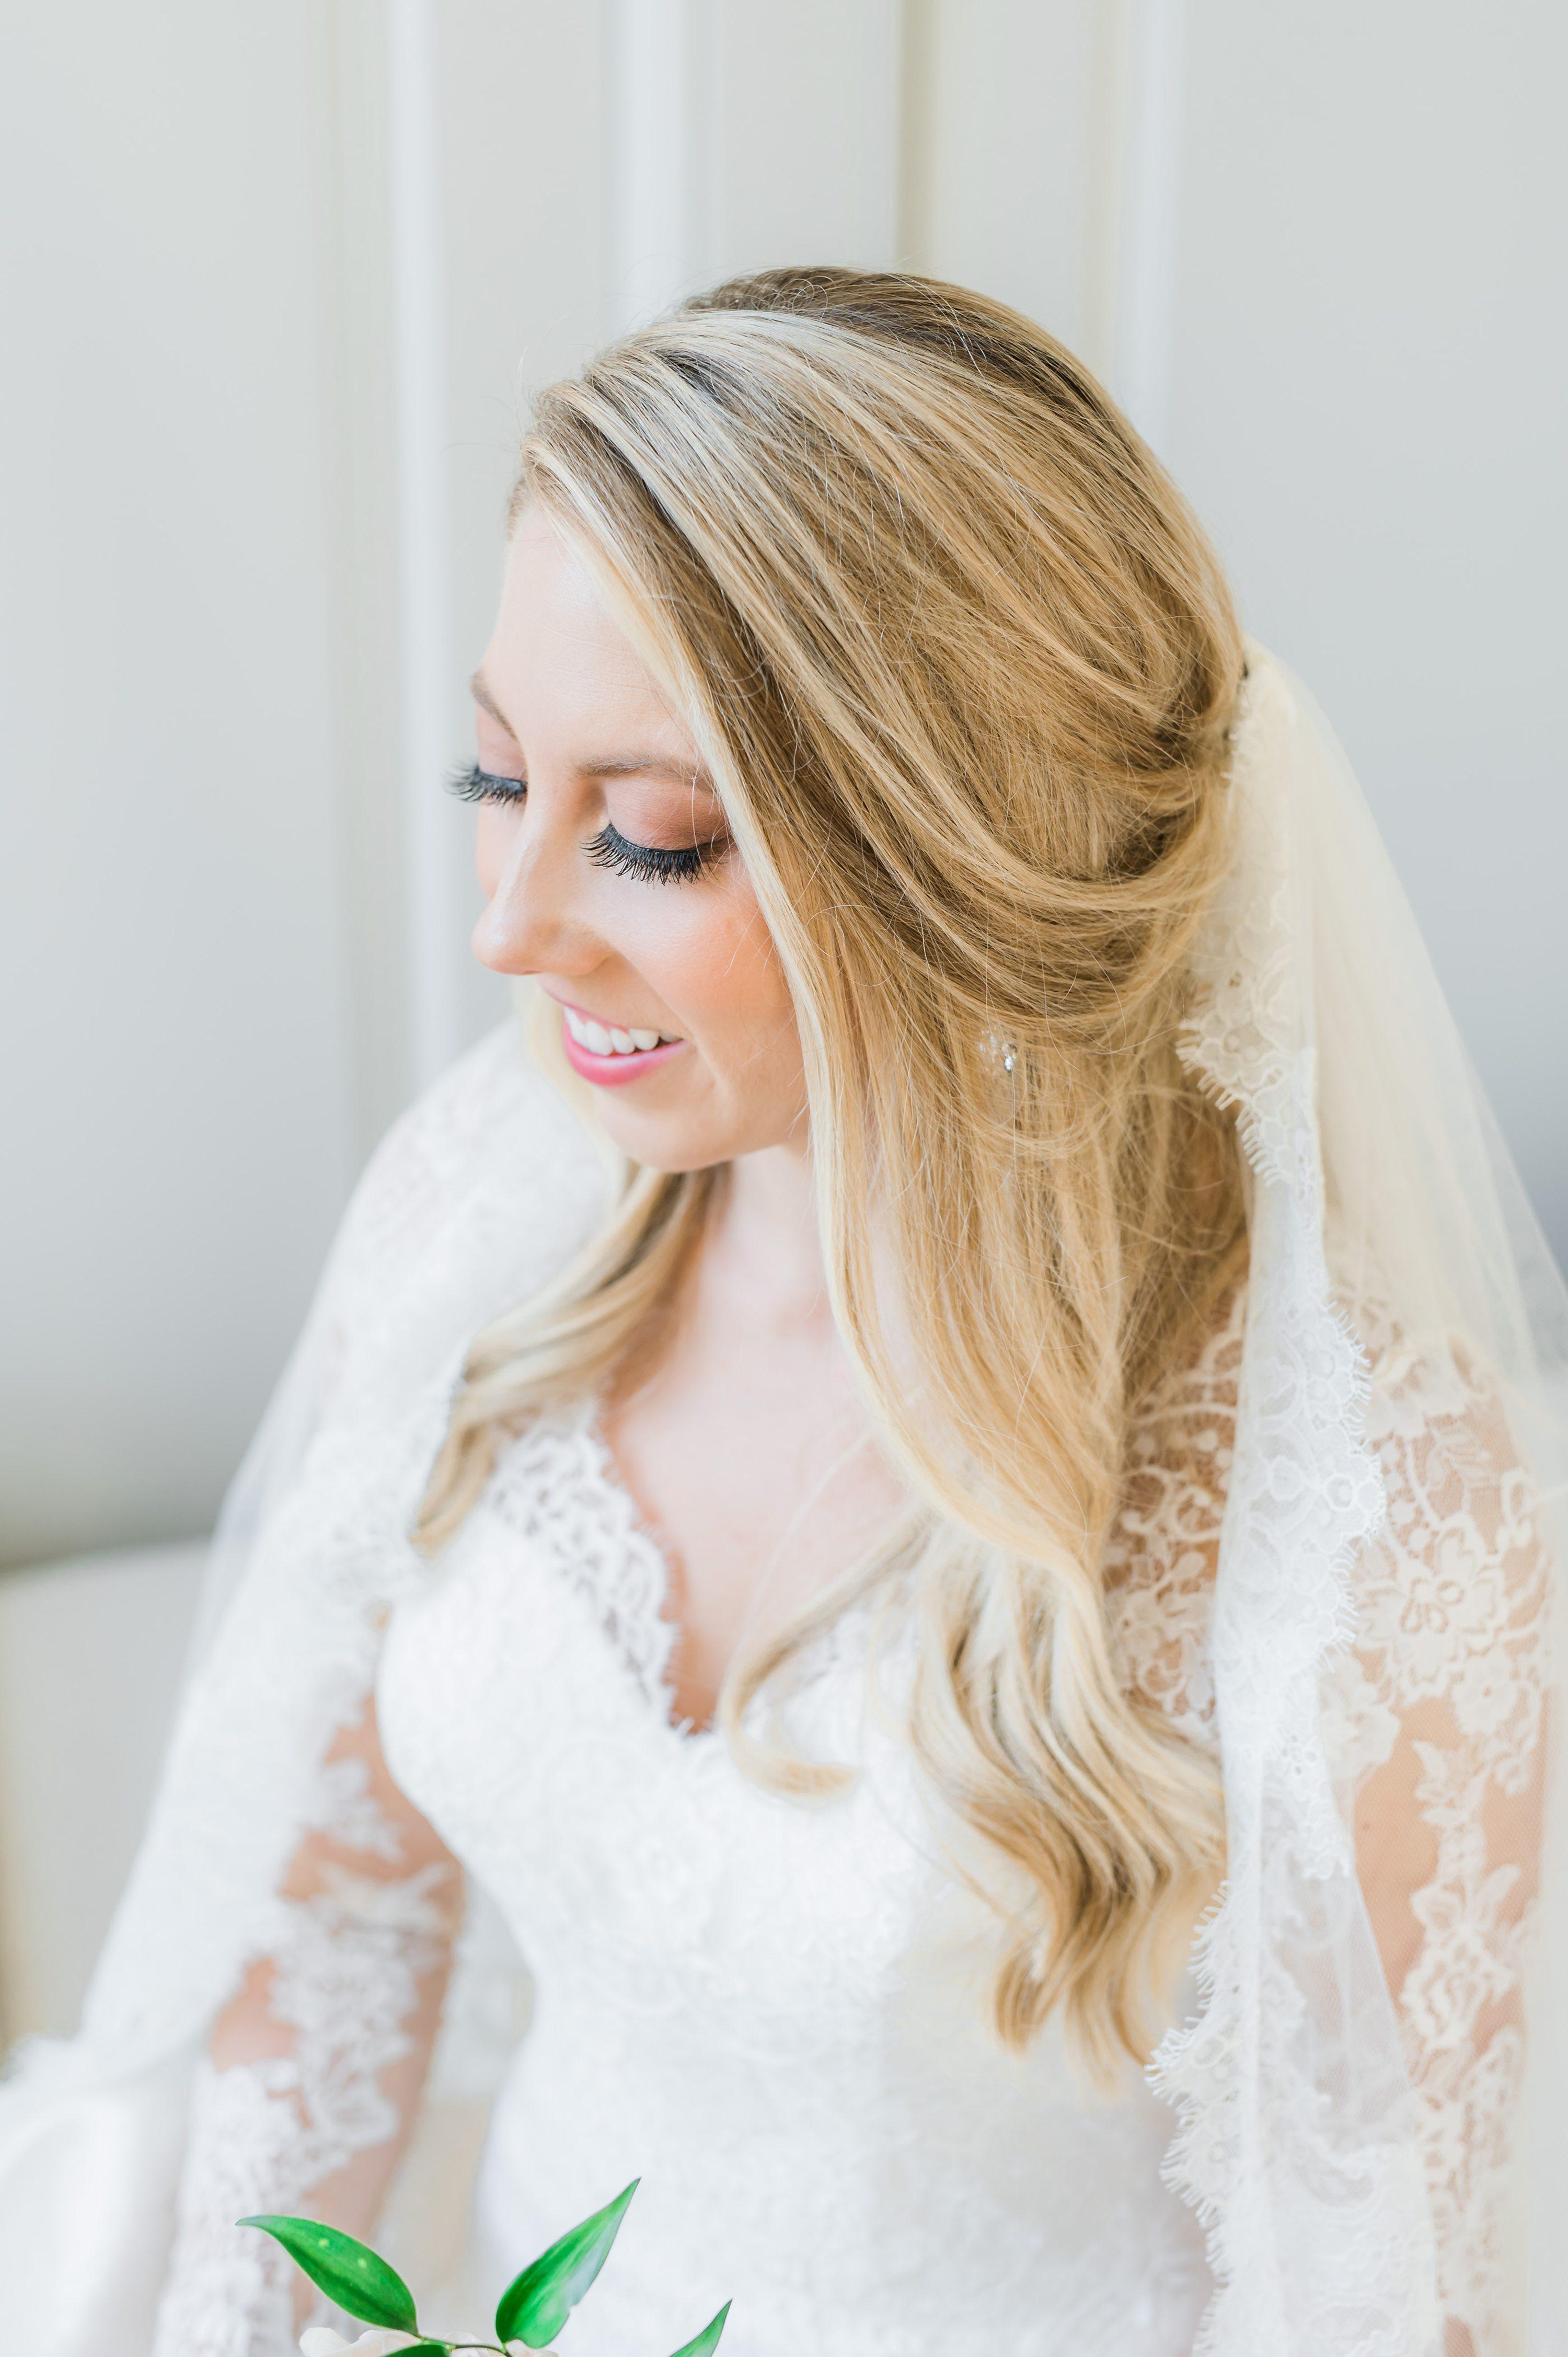 Eric & Jenn Photography,Houston Wedding Photography